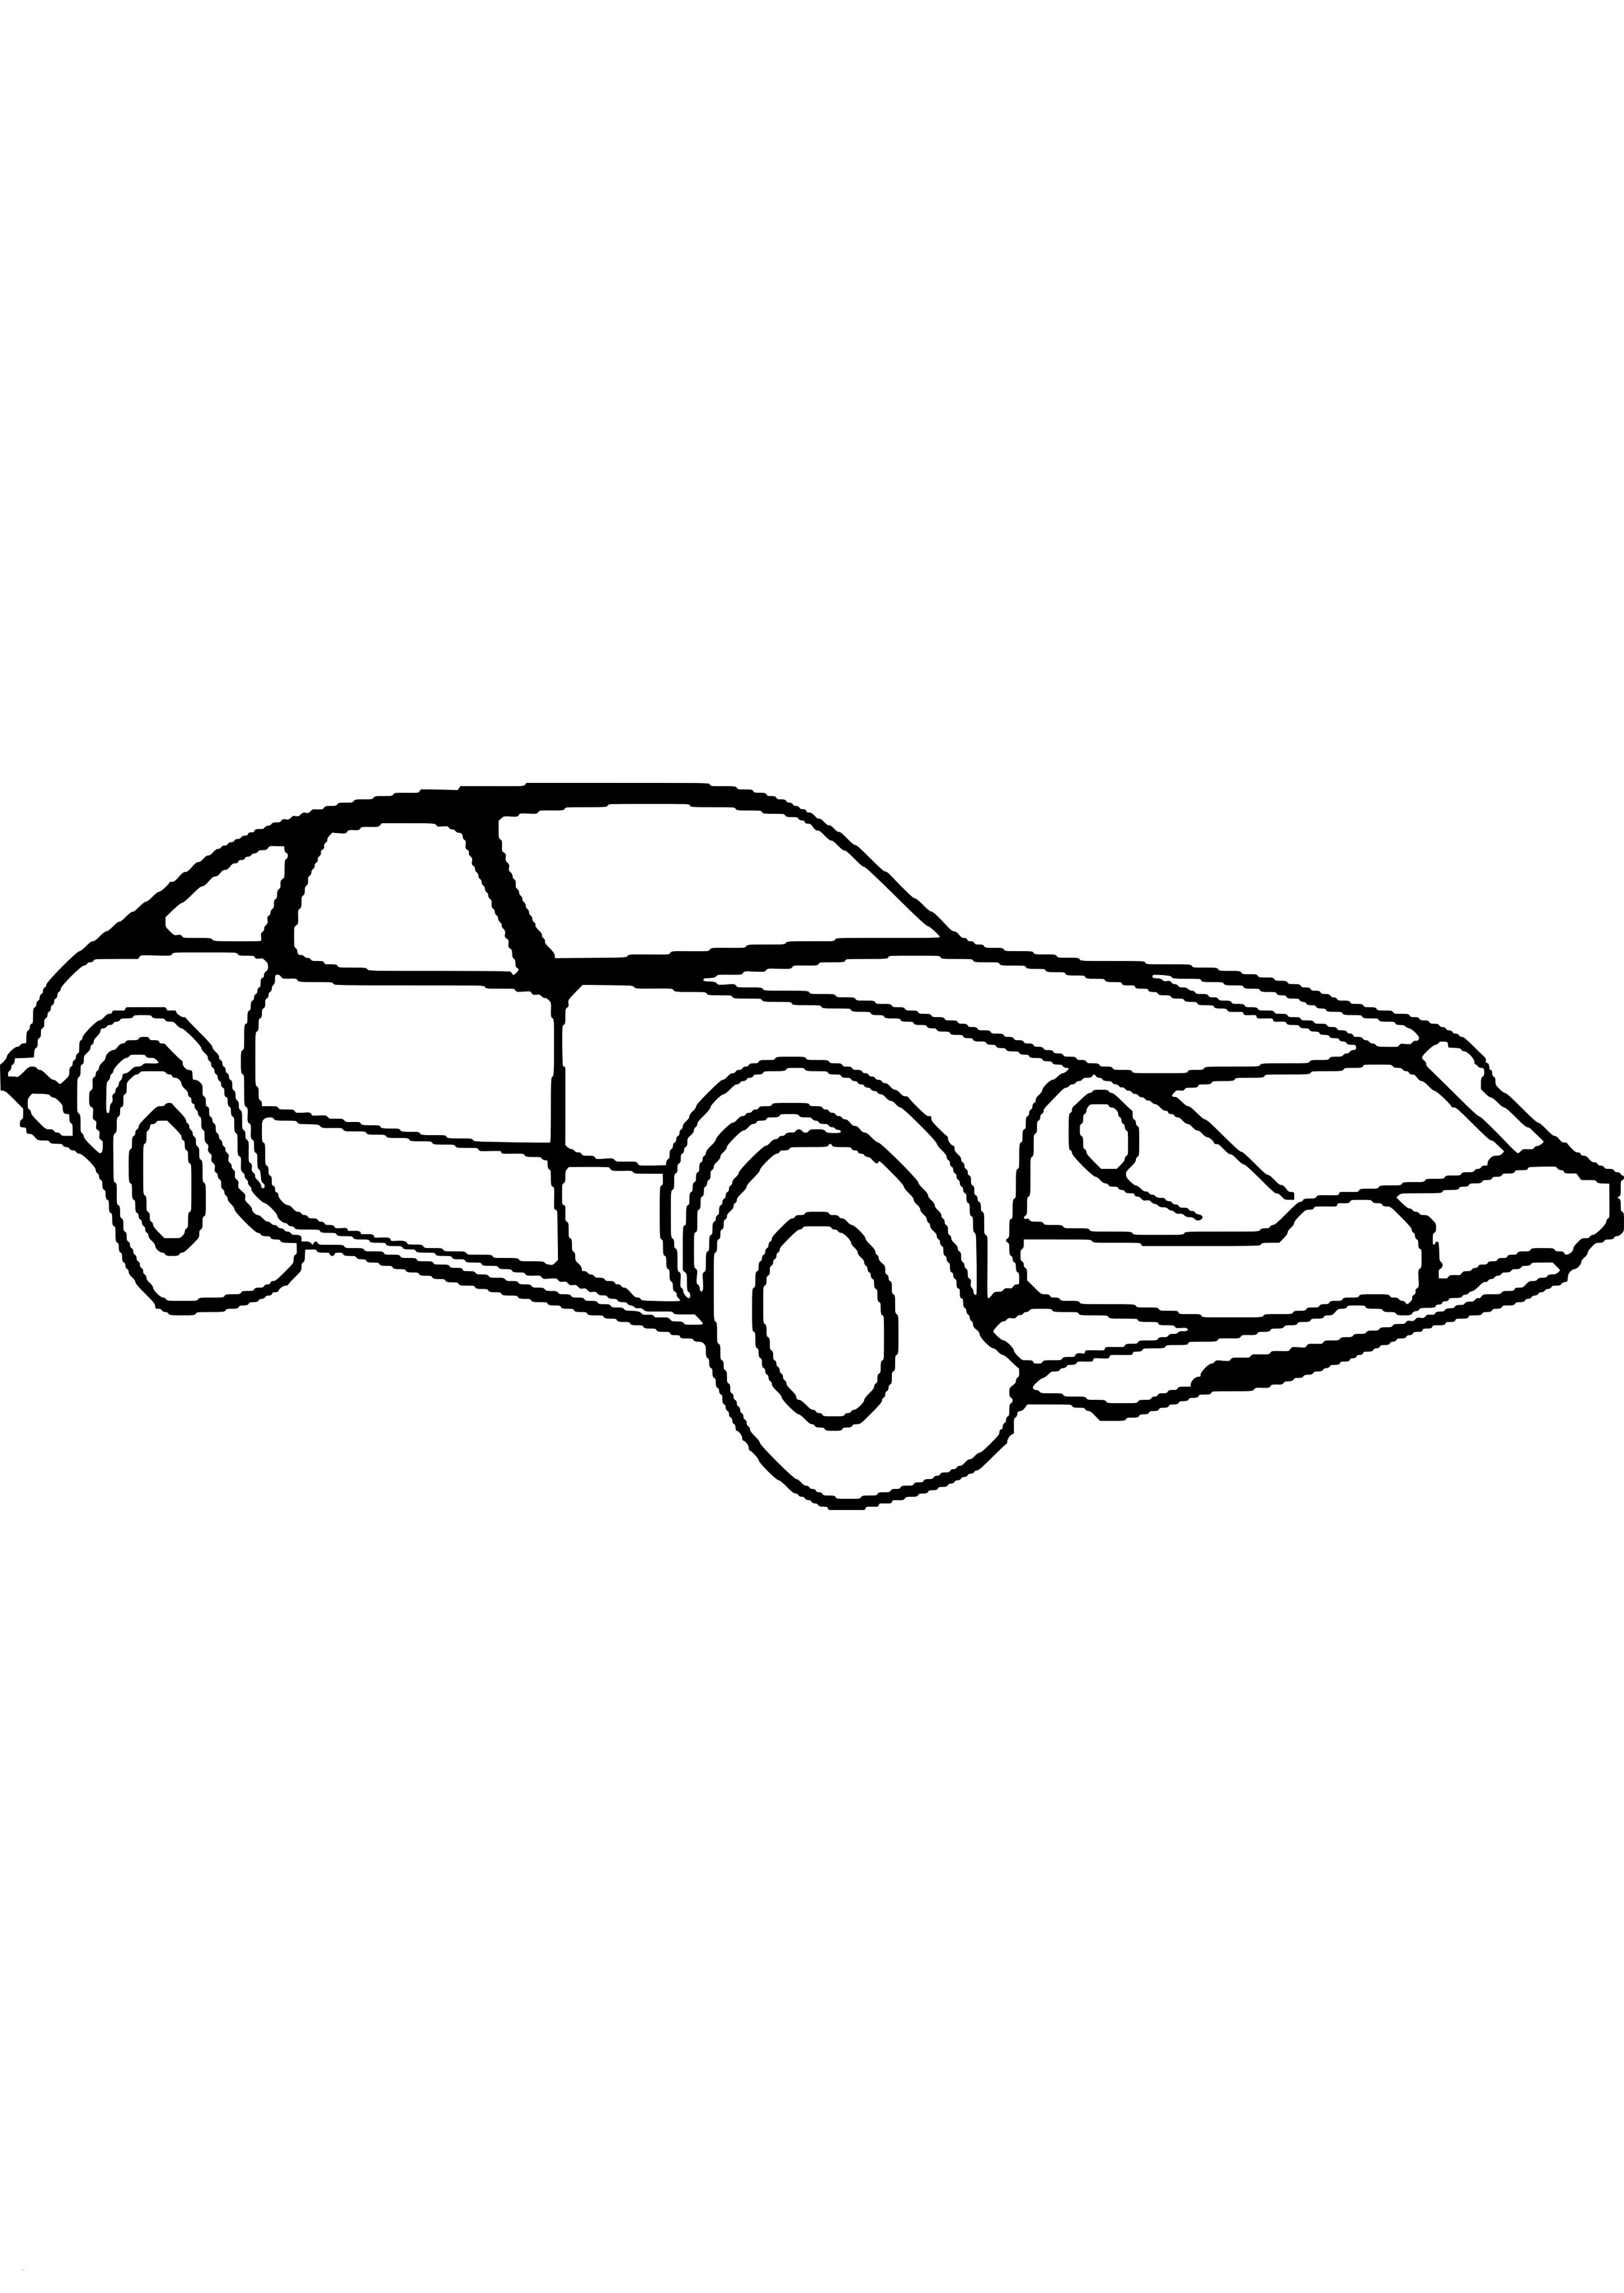 die 20 besten ideen für sportwagen ausmalbilder  beste